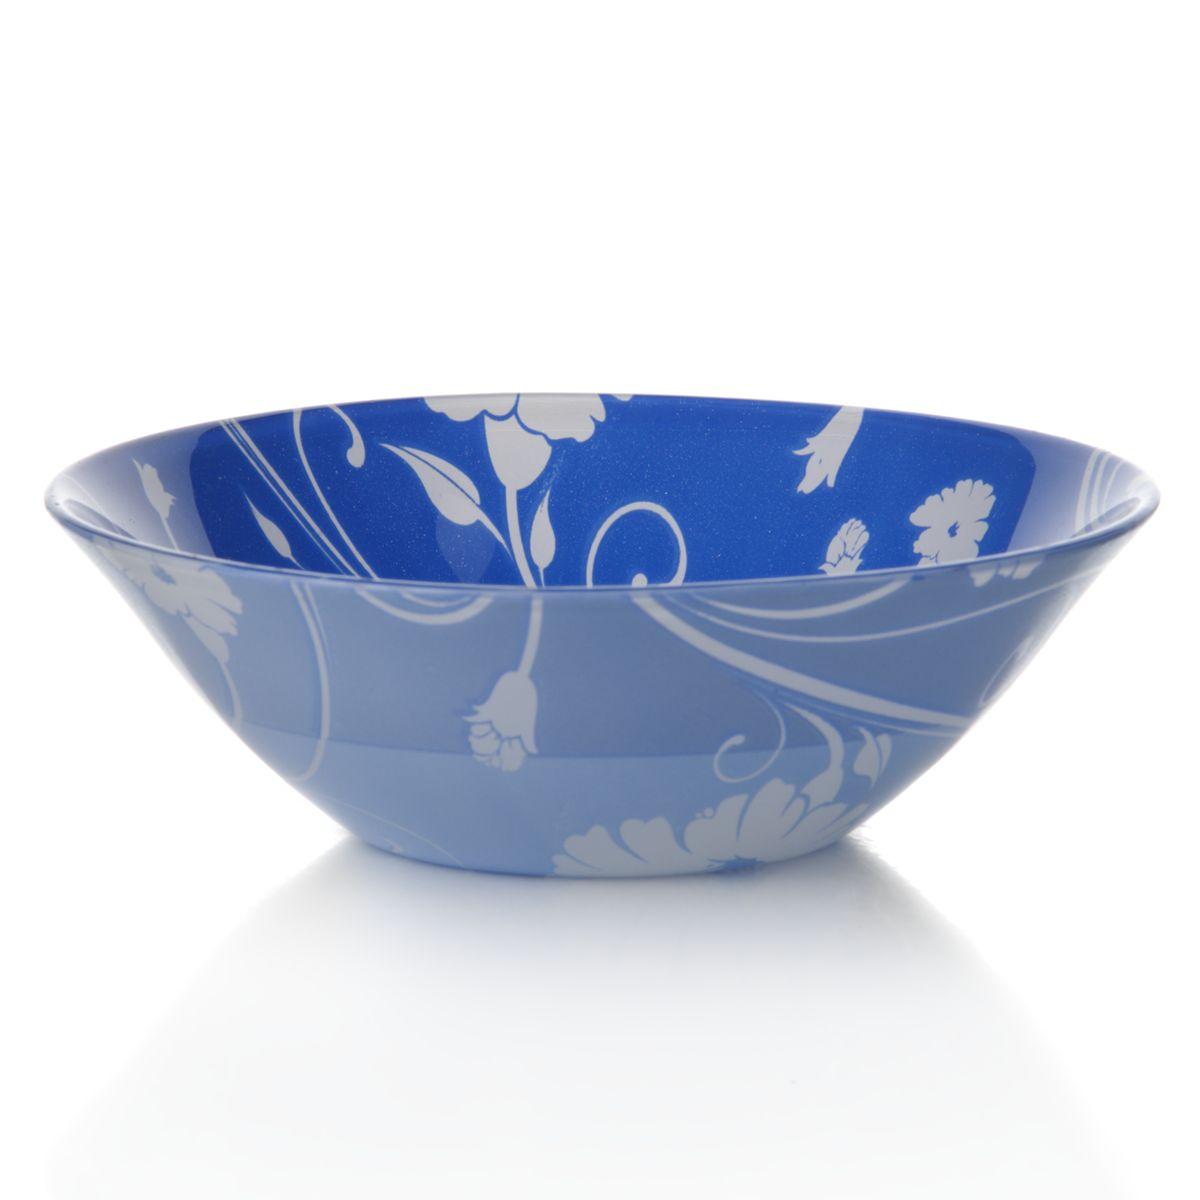 Набор салатников Pasabahce Blue Serenade, цвет: синий, диаметр 14 см, 6 шт54 009312Набор Pasabahce Blue Serenade состоит из шести круглых салатников, выполненных из закаленного стекла. Изделия украшены изысканным цветочным узором.Набор прекрасно подойдет для сервировки различных блюд. Яркий дизайн украсит стол и порадует вас и ваших гостей. Нельзя использовать в микроволновой печи. Можно использовать в морозильной камере.Диаметр салатника: 14 см. Высота салатника: 5 см.